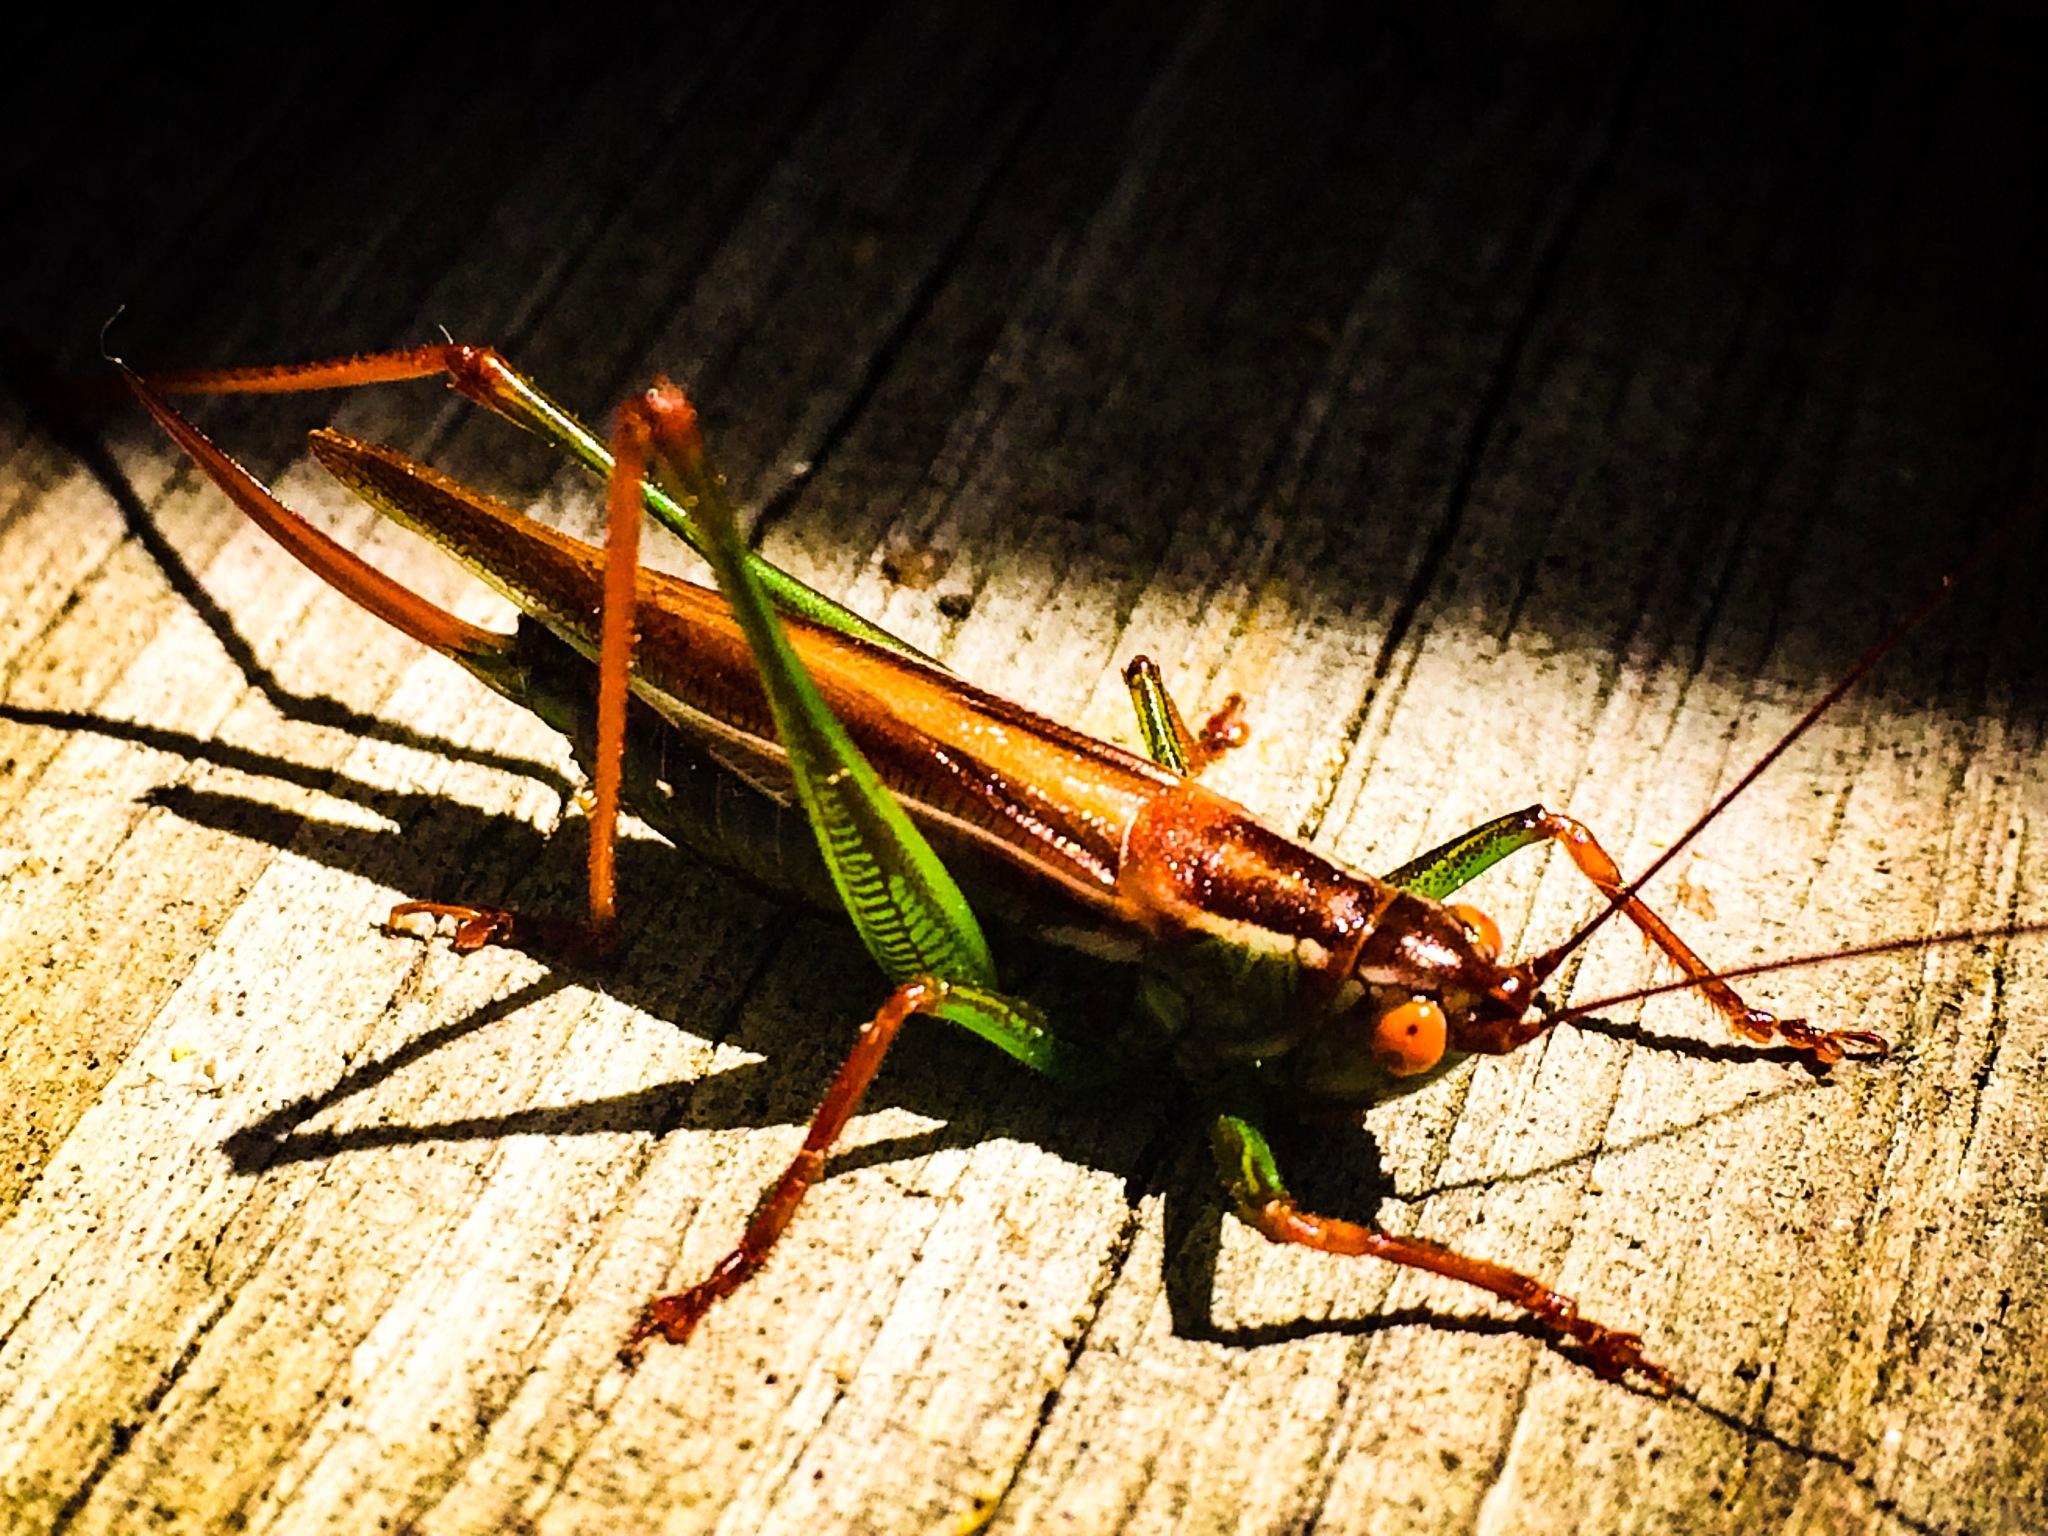 Grasshopper  by Reginald T. Greene II